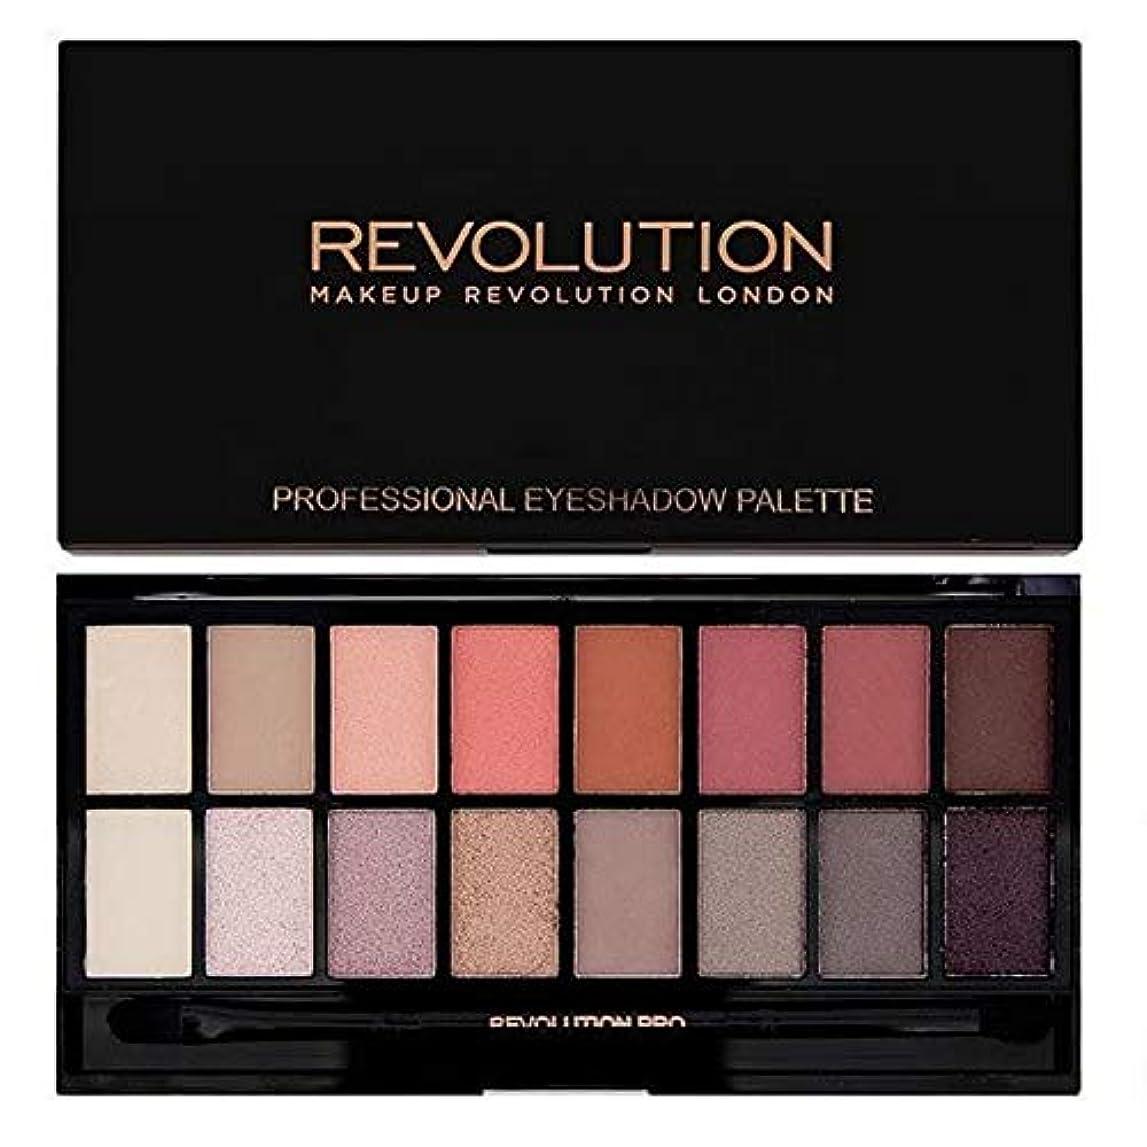 憲法バランス占める[Revolution ] 中性アイシャドウパレット対革命新Trals - Revolution New-trals vs Neutrals Eye Shadow Palette [並行輸入品]